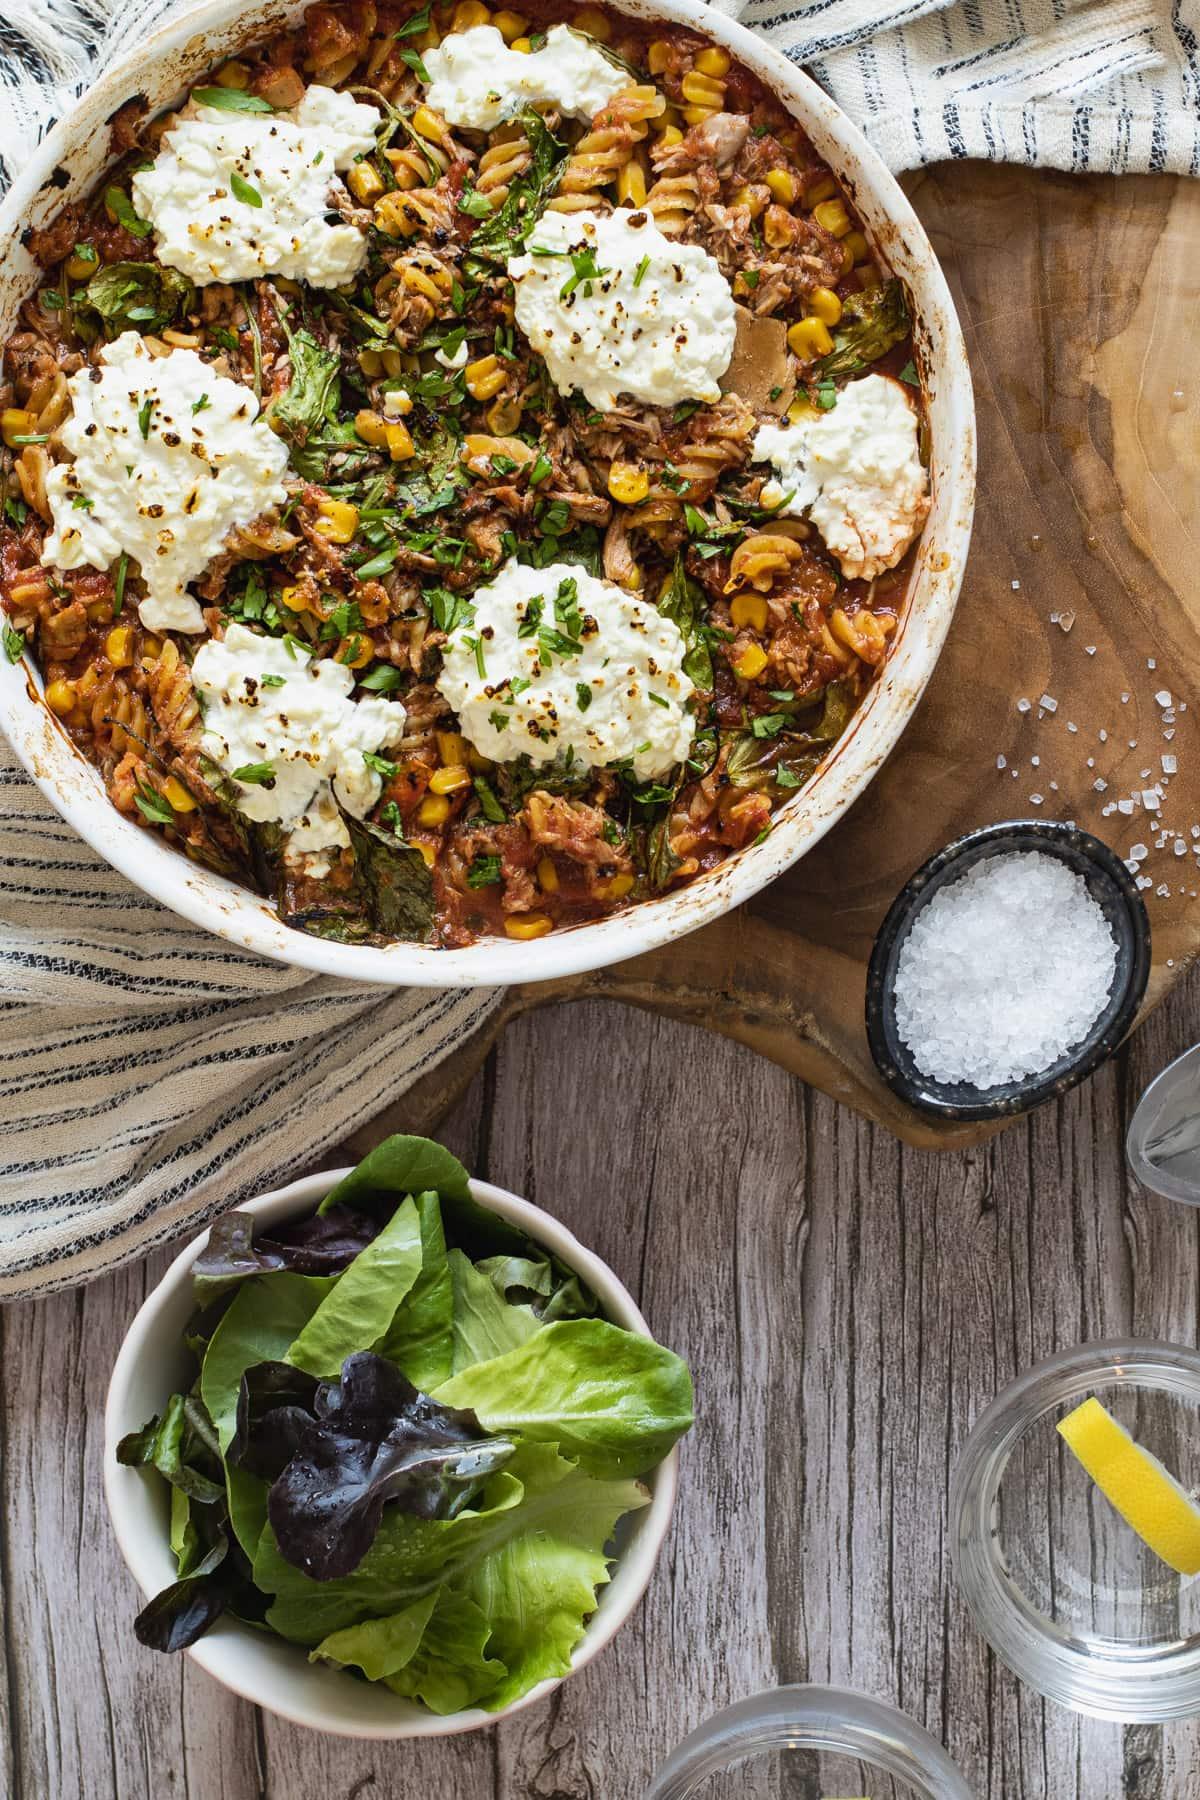 Healthy Tuna Pasta Bake in a Baking Dish